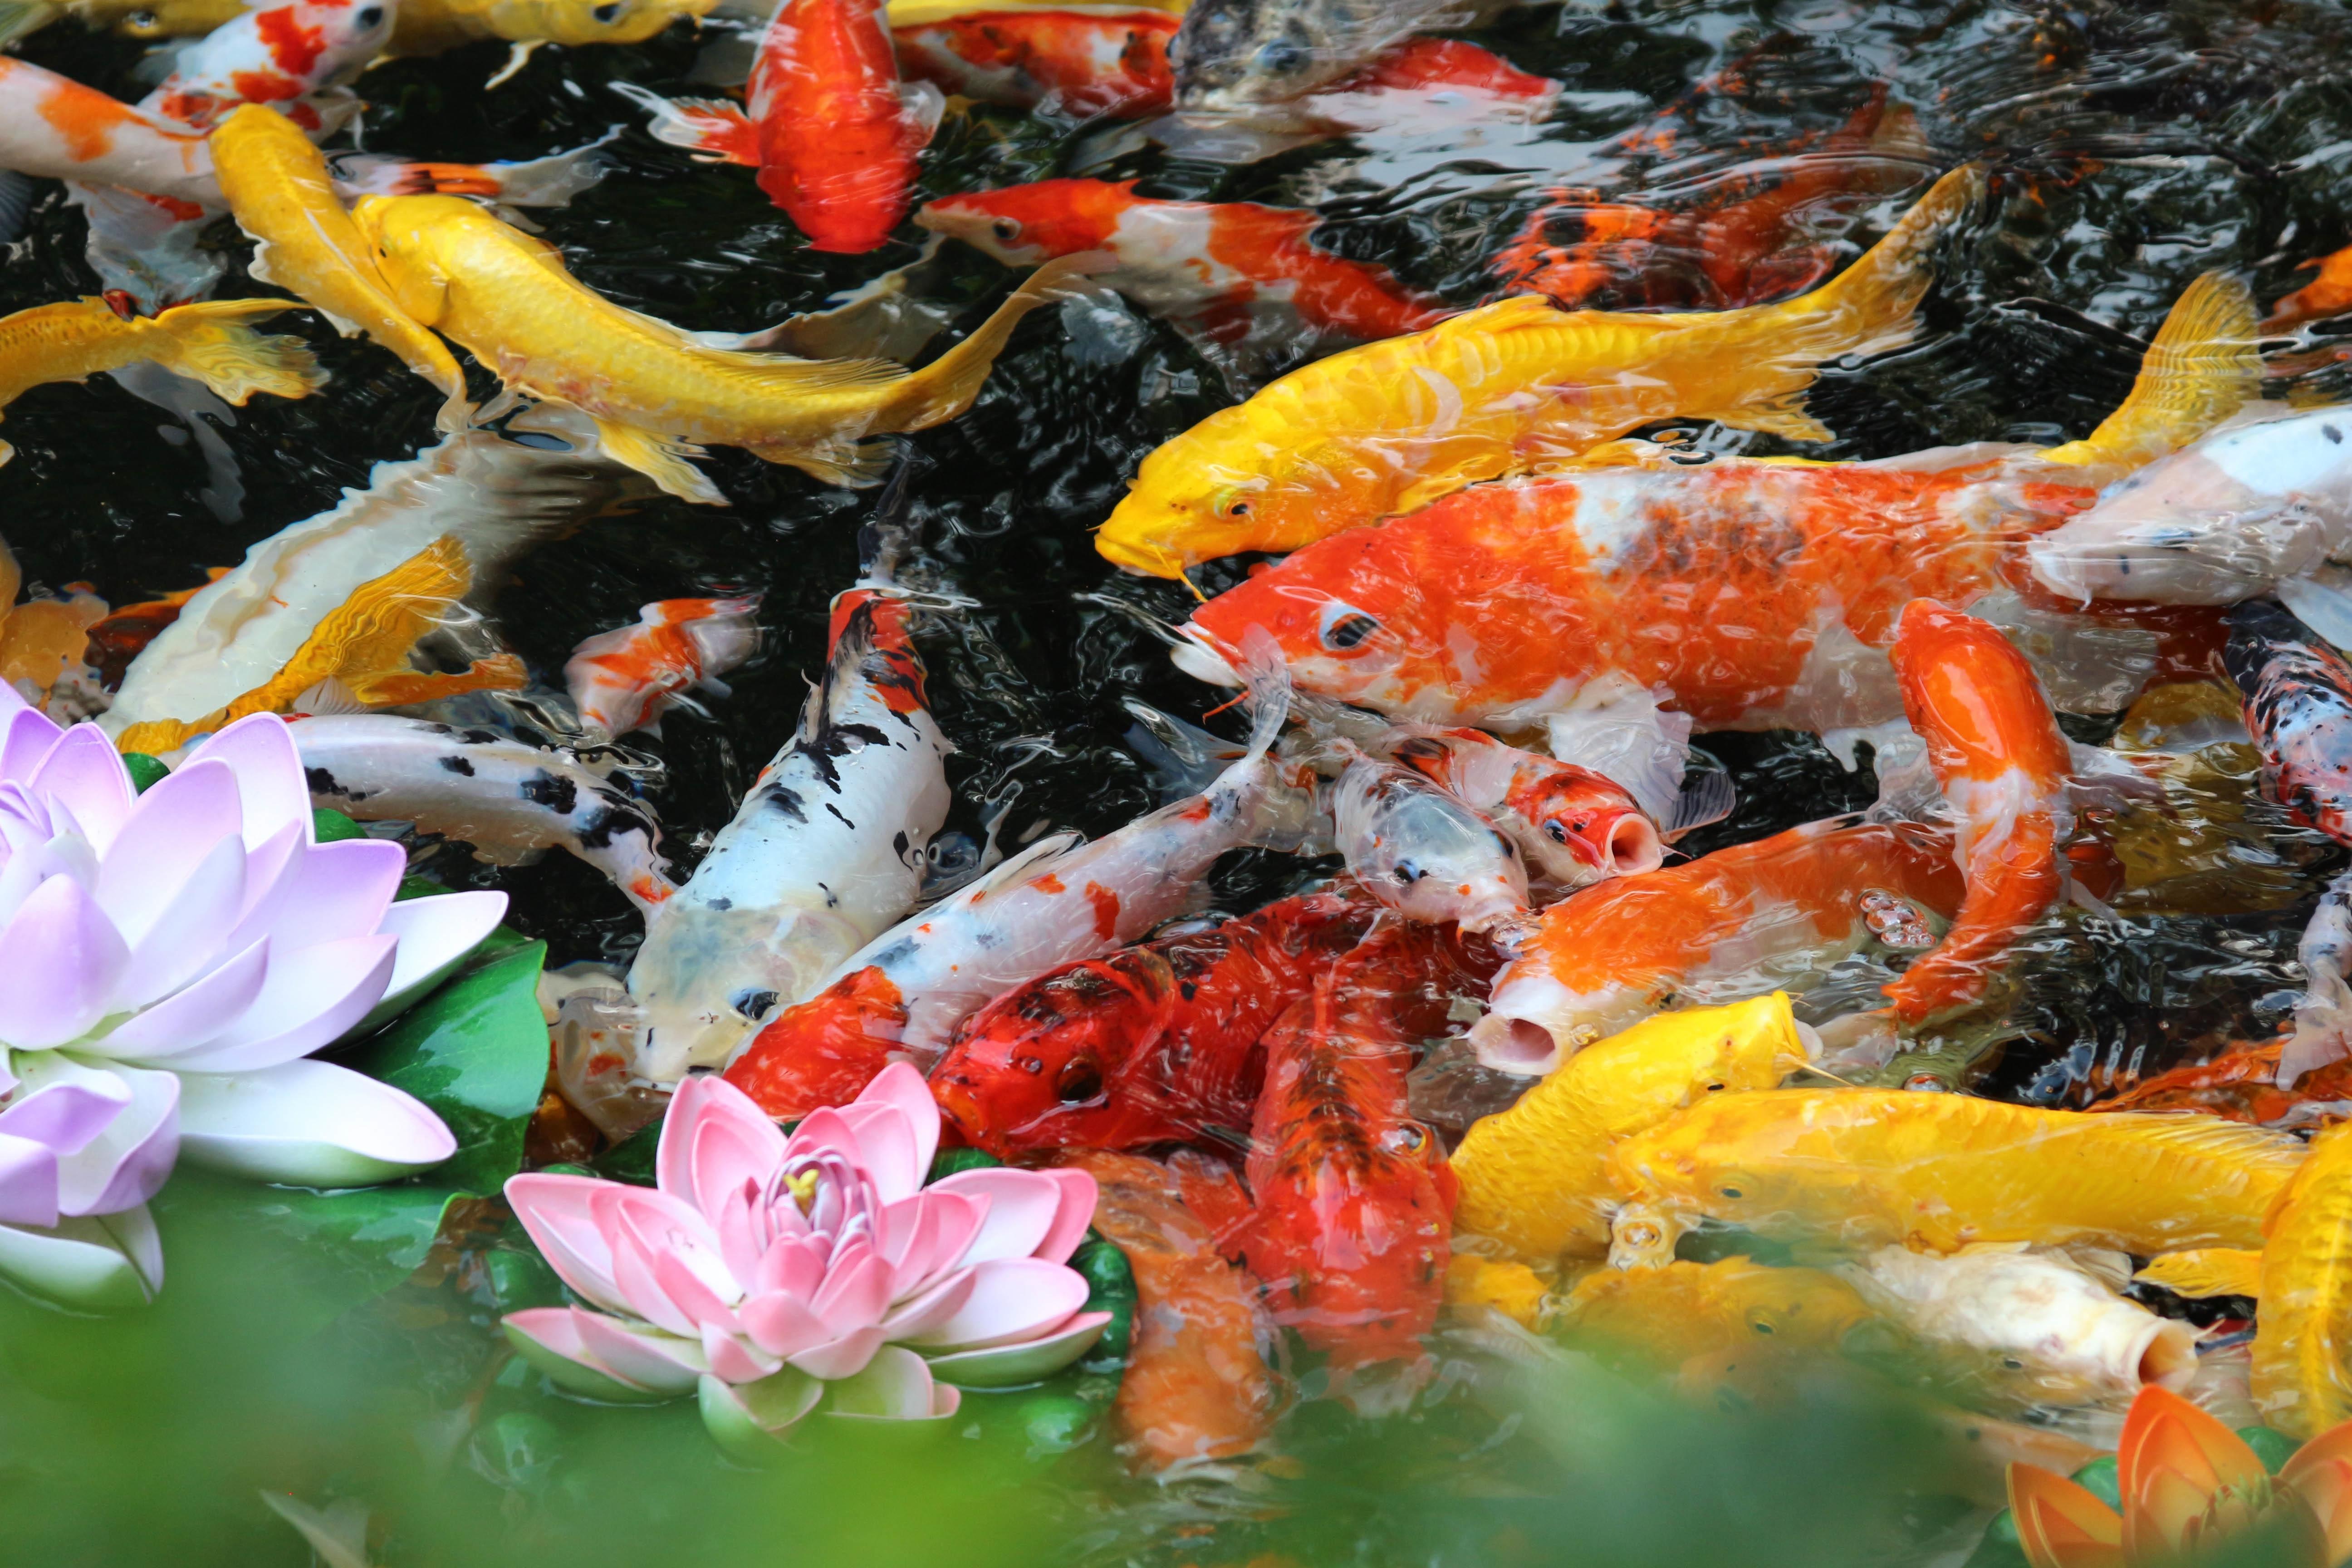 цветы картинки с рыбками первый раз мне